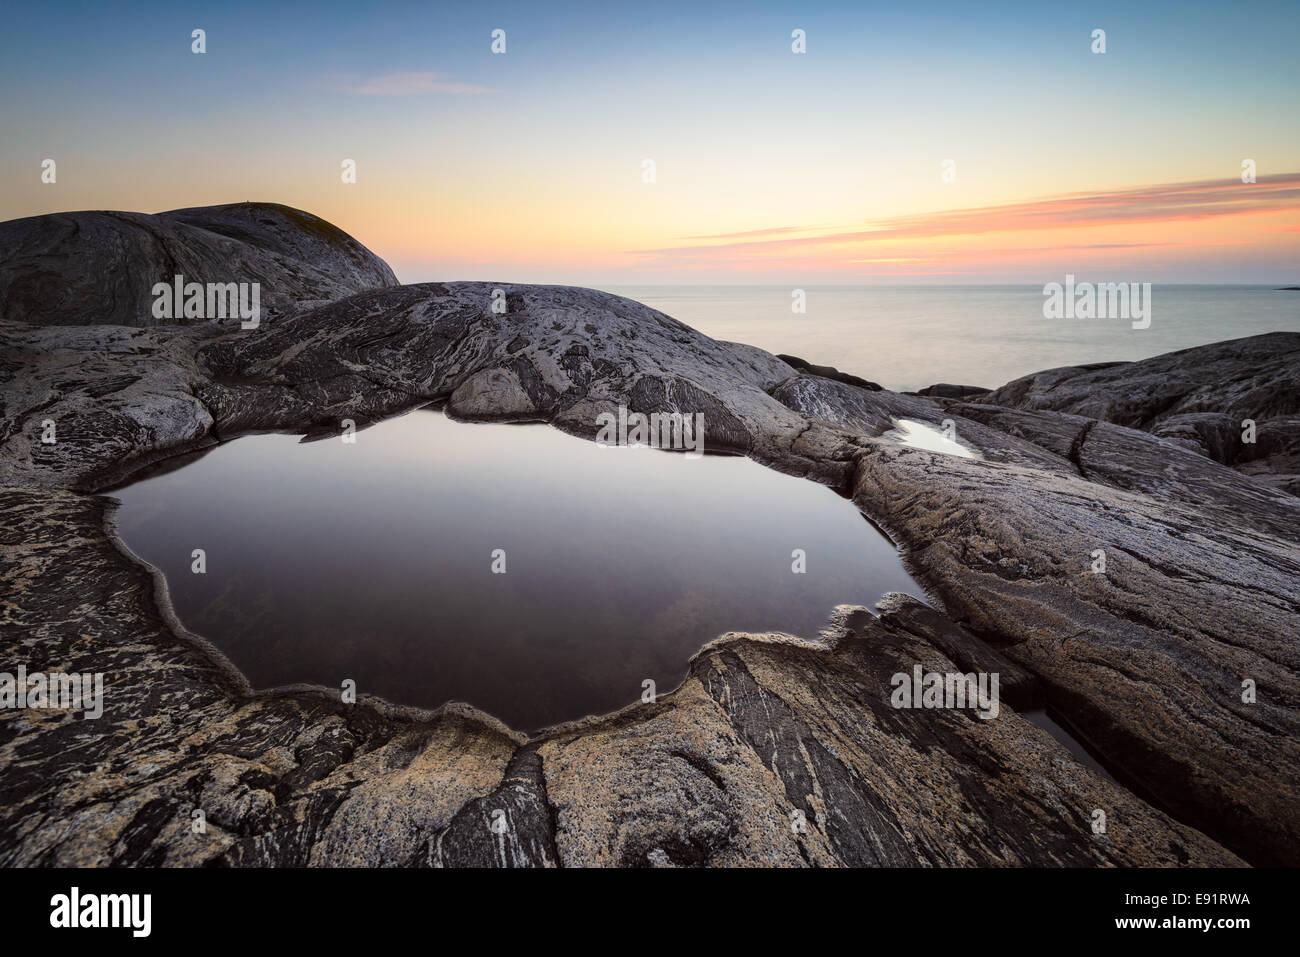 Marea liscia piscina circondata dal rock al tramonto Immagini Stock